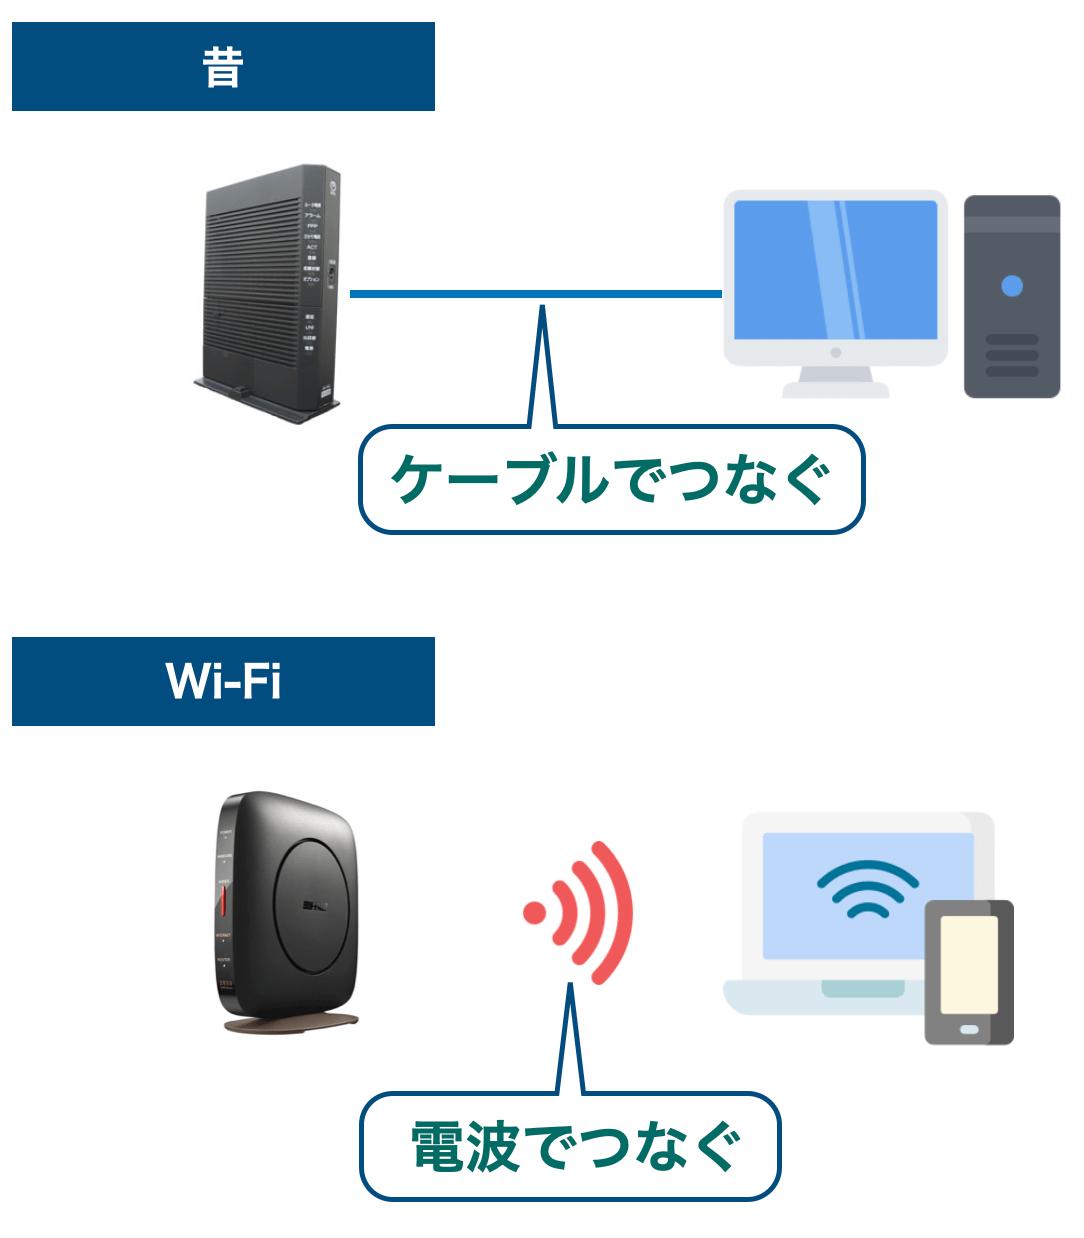 Wi-Fiと有線の解説